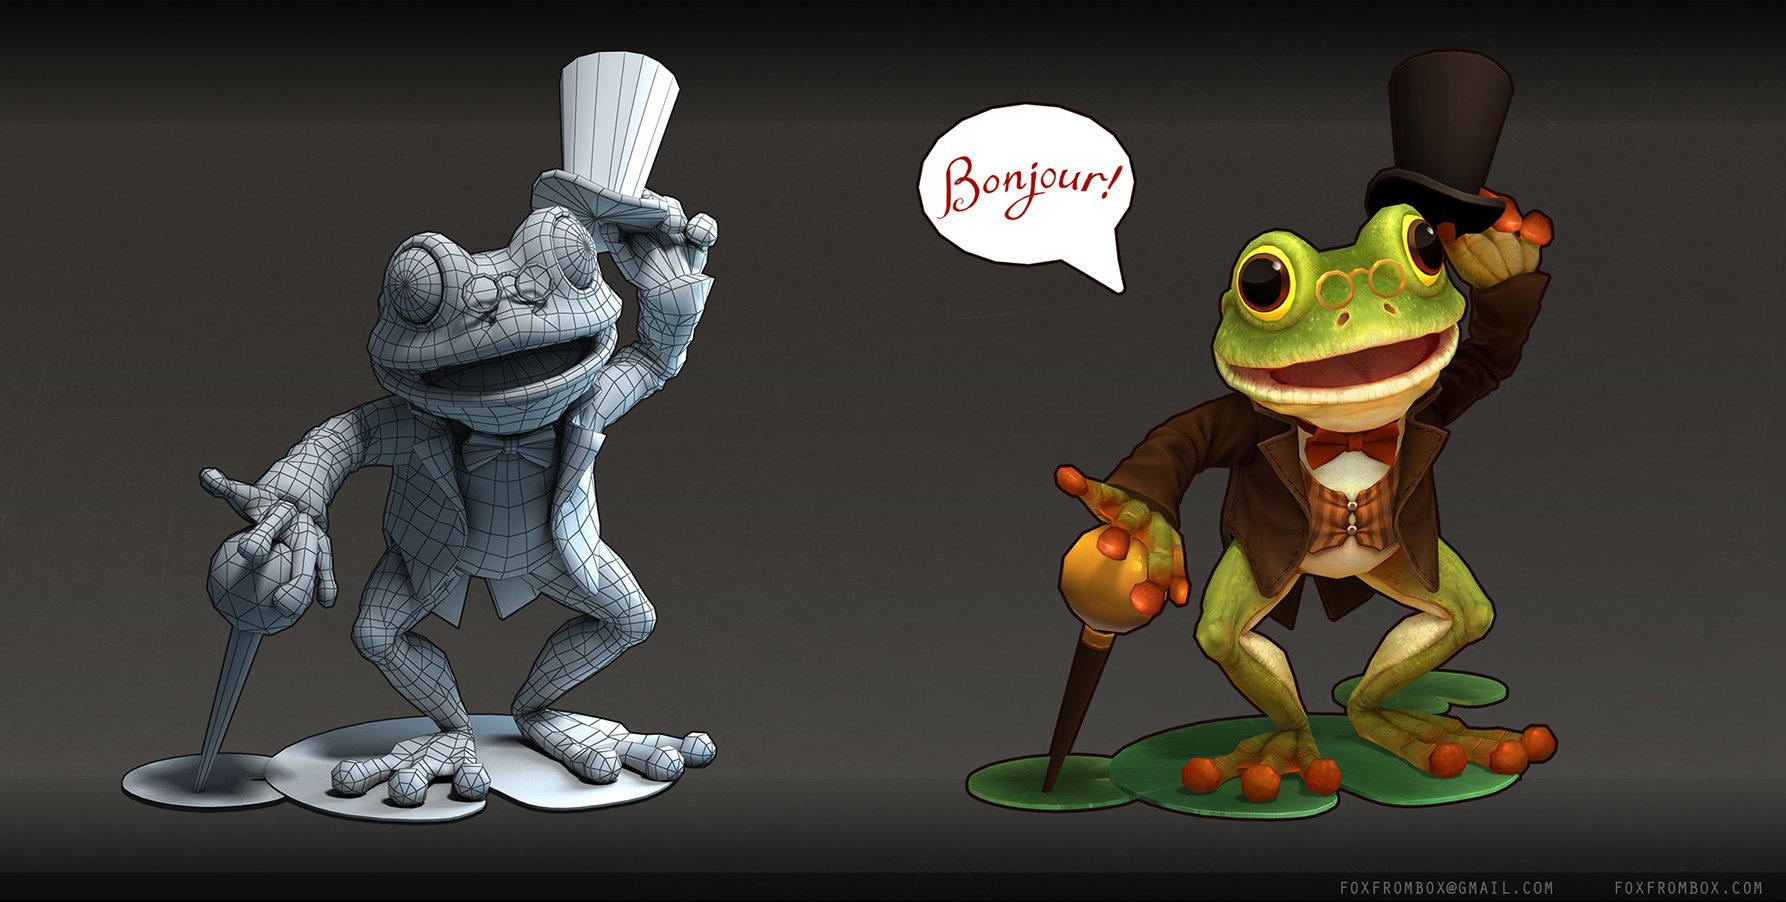 alina-ivanchenko-mr-frog01.jpg?1439915773